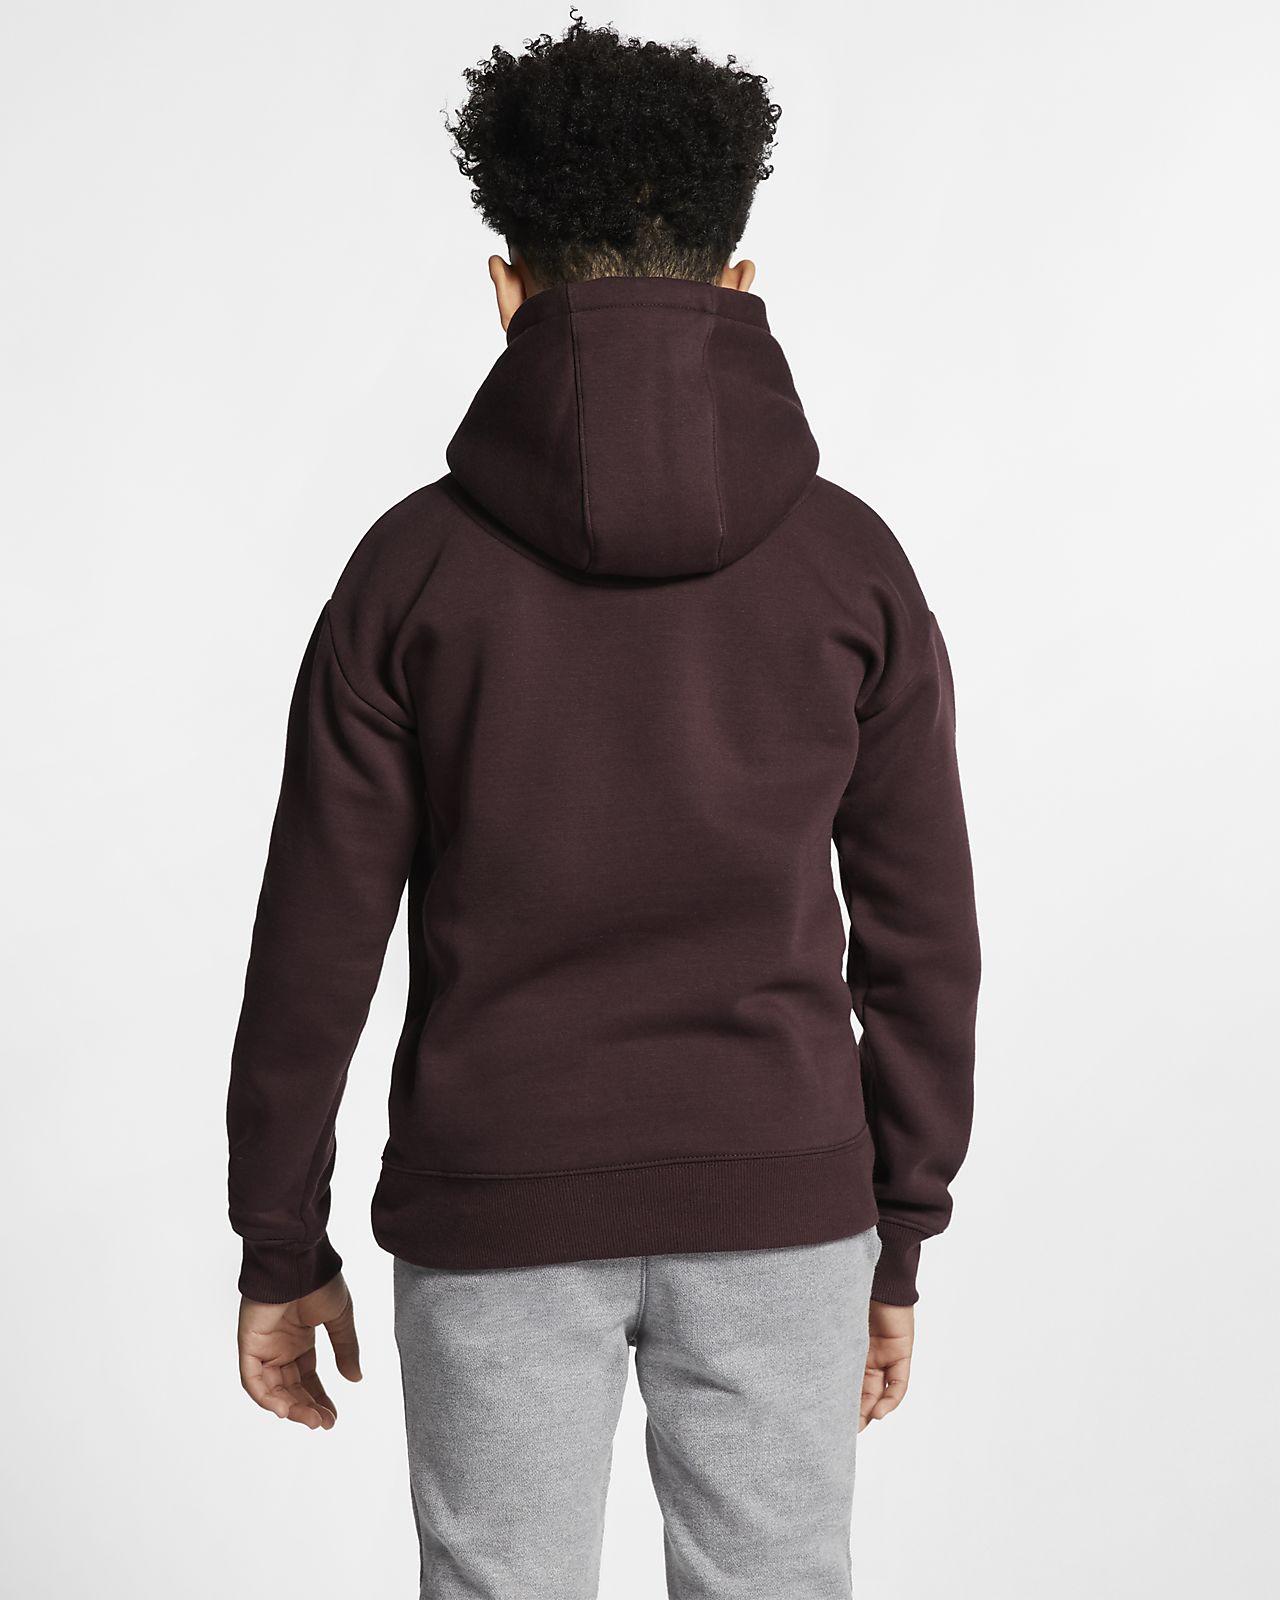 e139890689 Felpa pullover con cappuccio Jordan - Ragazzi. Nike.com IT